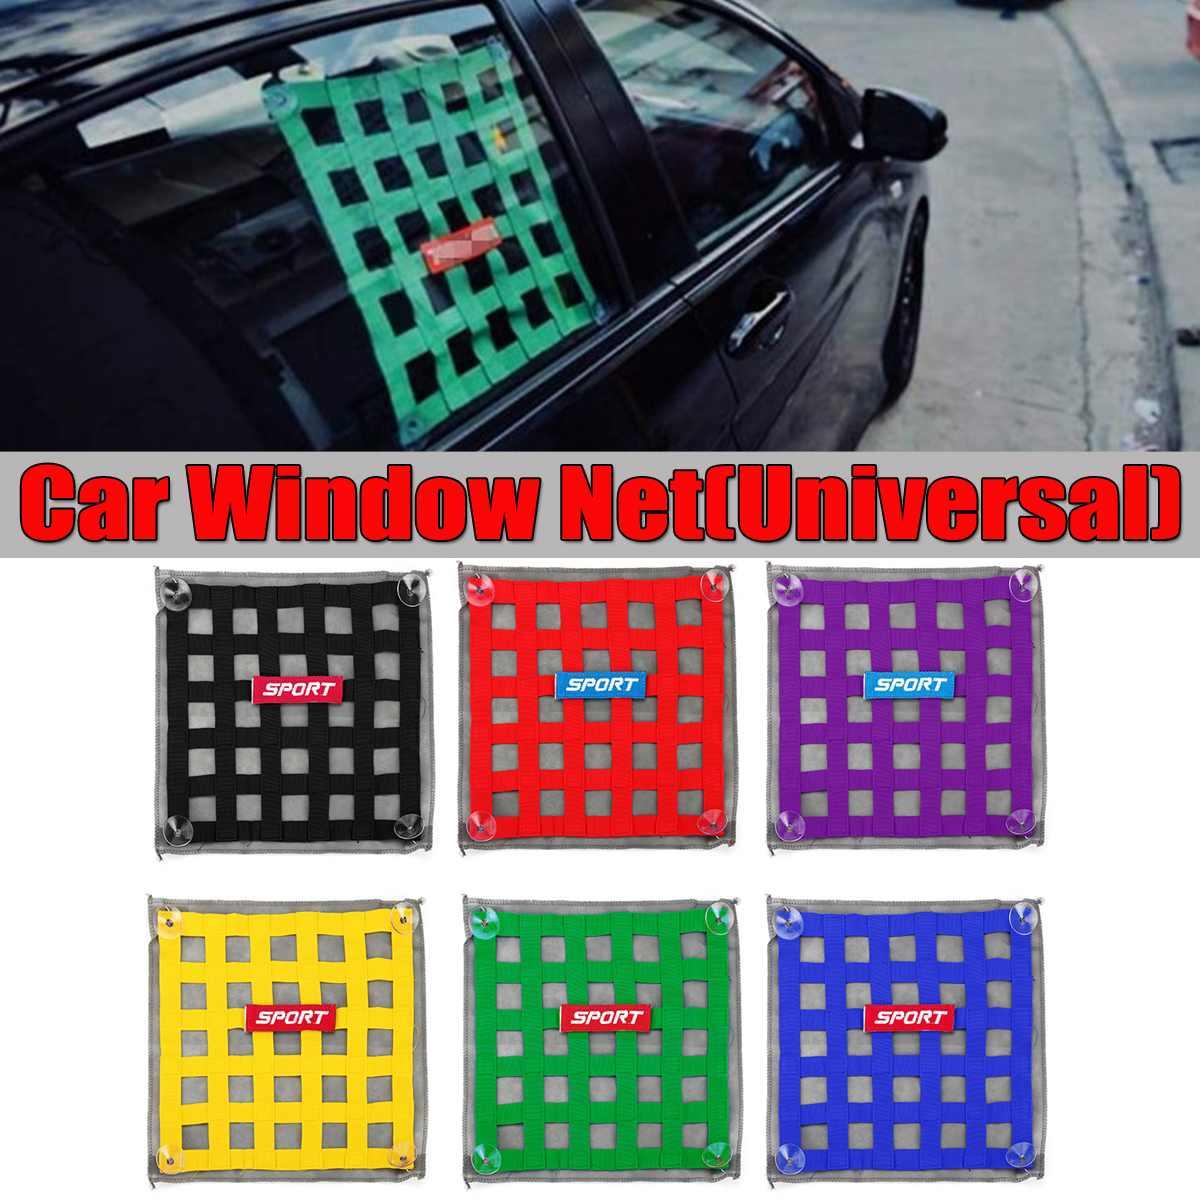 6 цветов нейлон Универсальная автомобильная гоночная сетка на окно гоночный гонки автомобильное защитное стекло защитная сетка натяжные р...